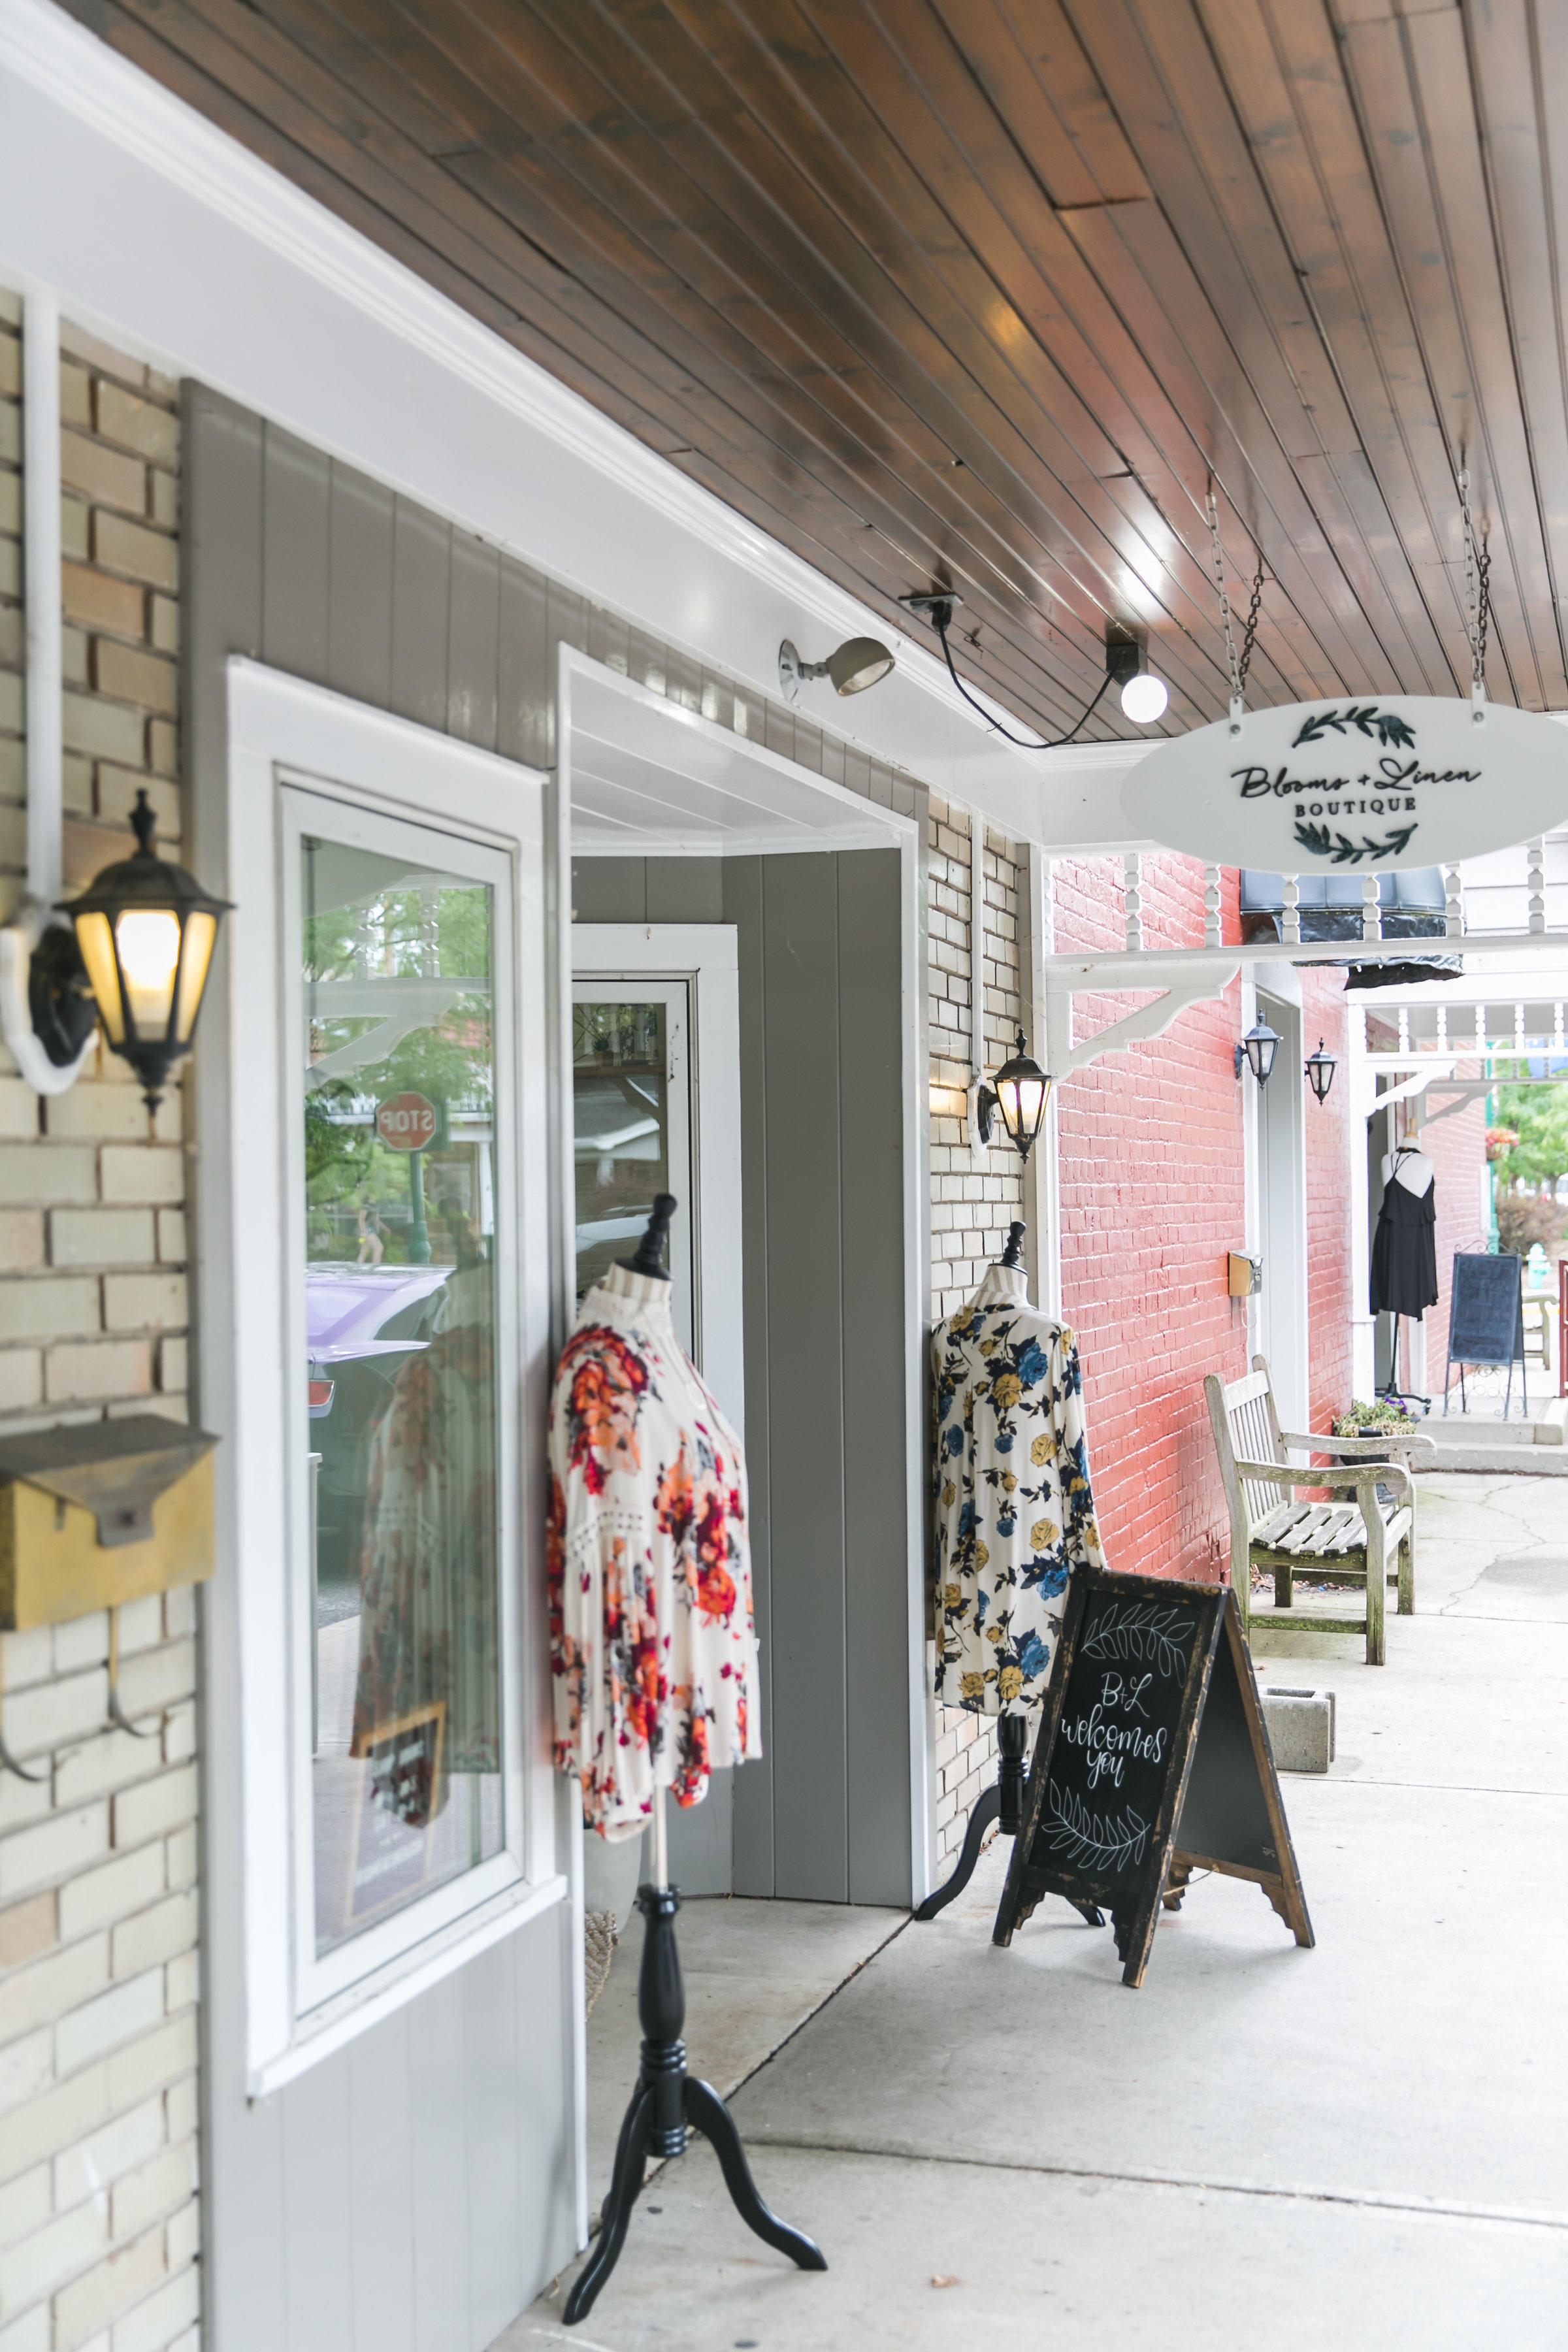 Blooms & Linen Boutique image 1